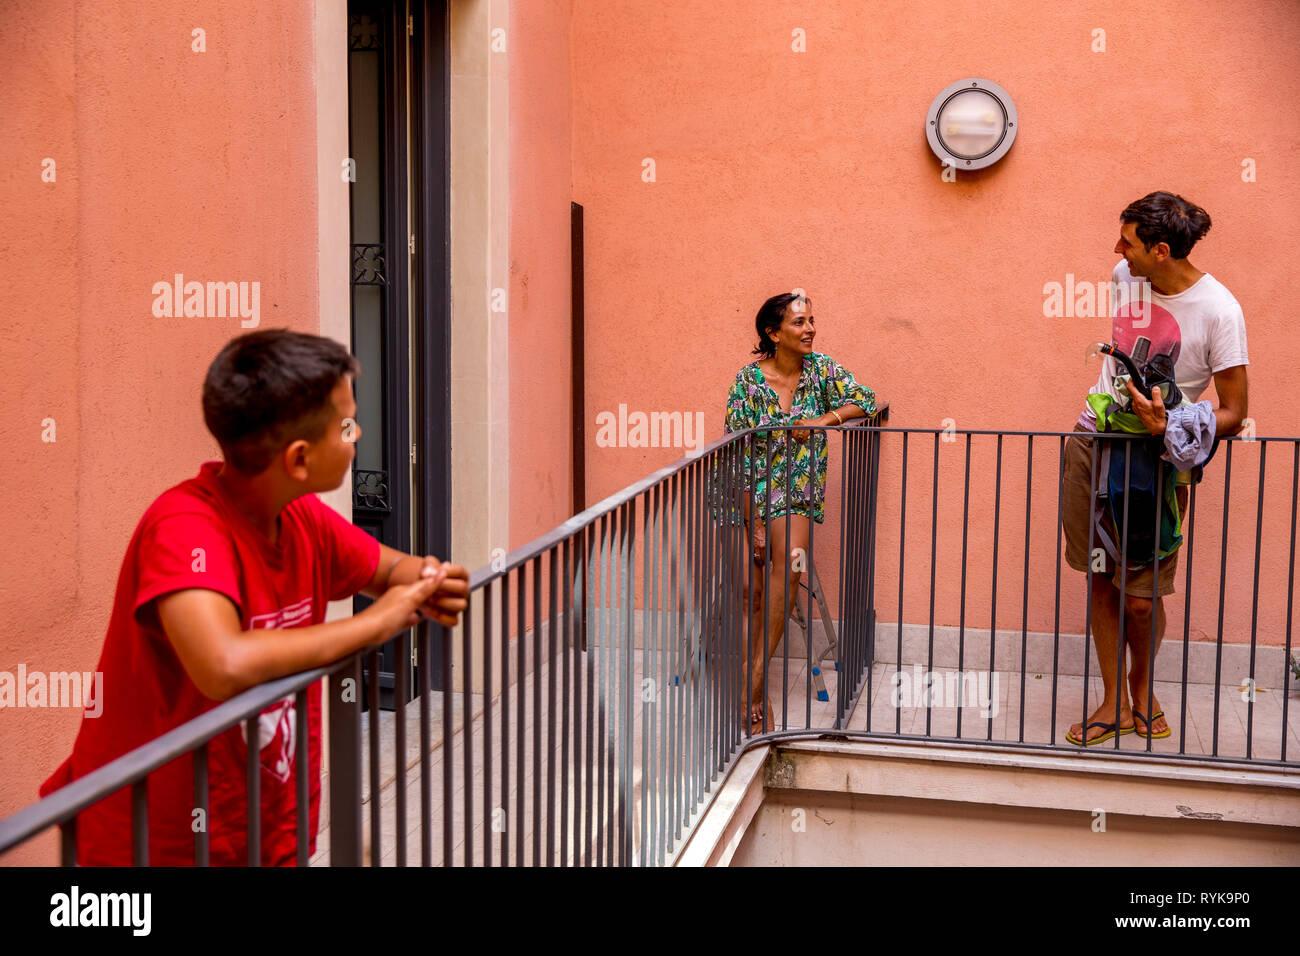 Niños y adultos en un balcón en Catania, Sicilia (Italia). Imagen De Stock